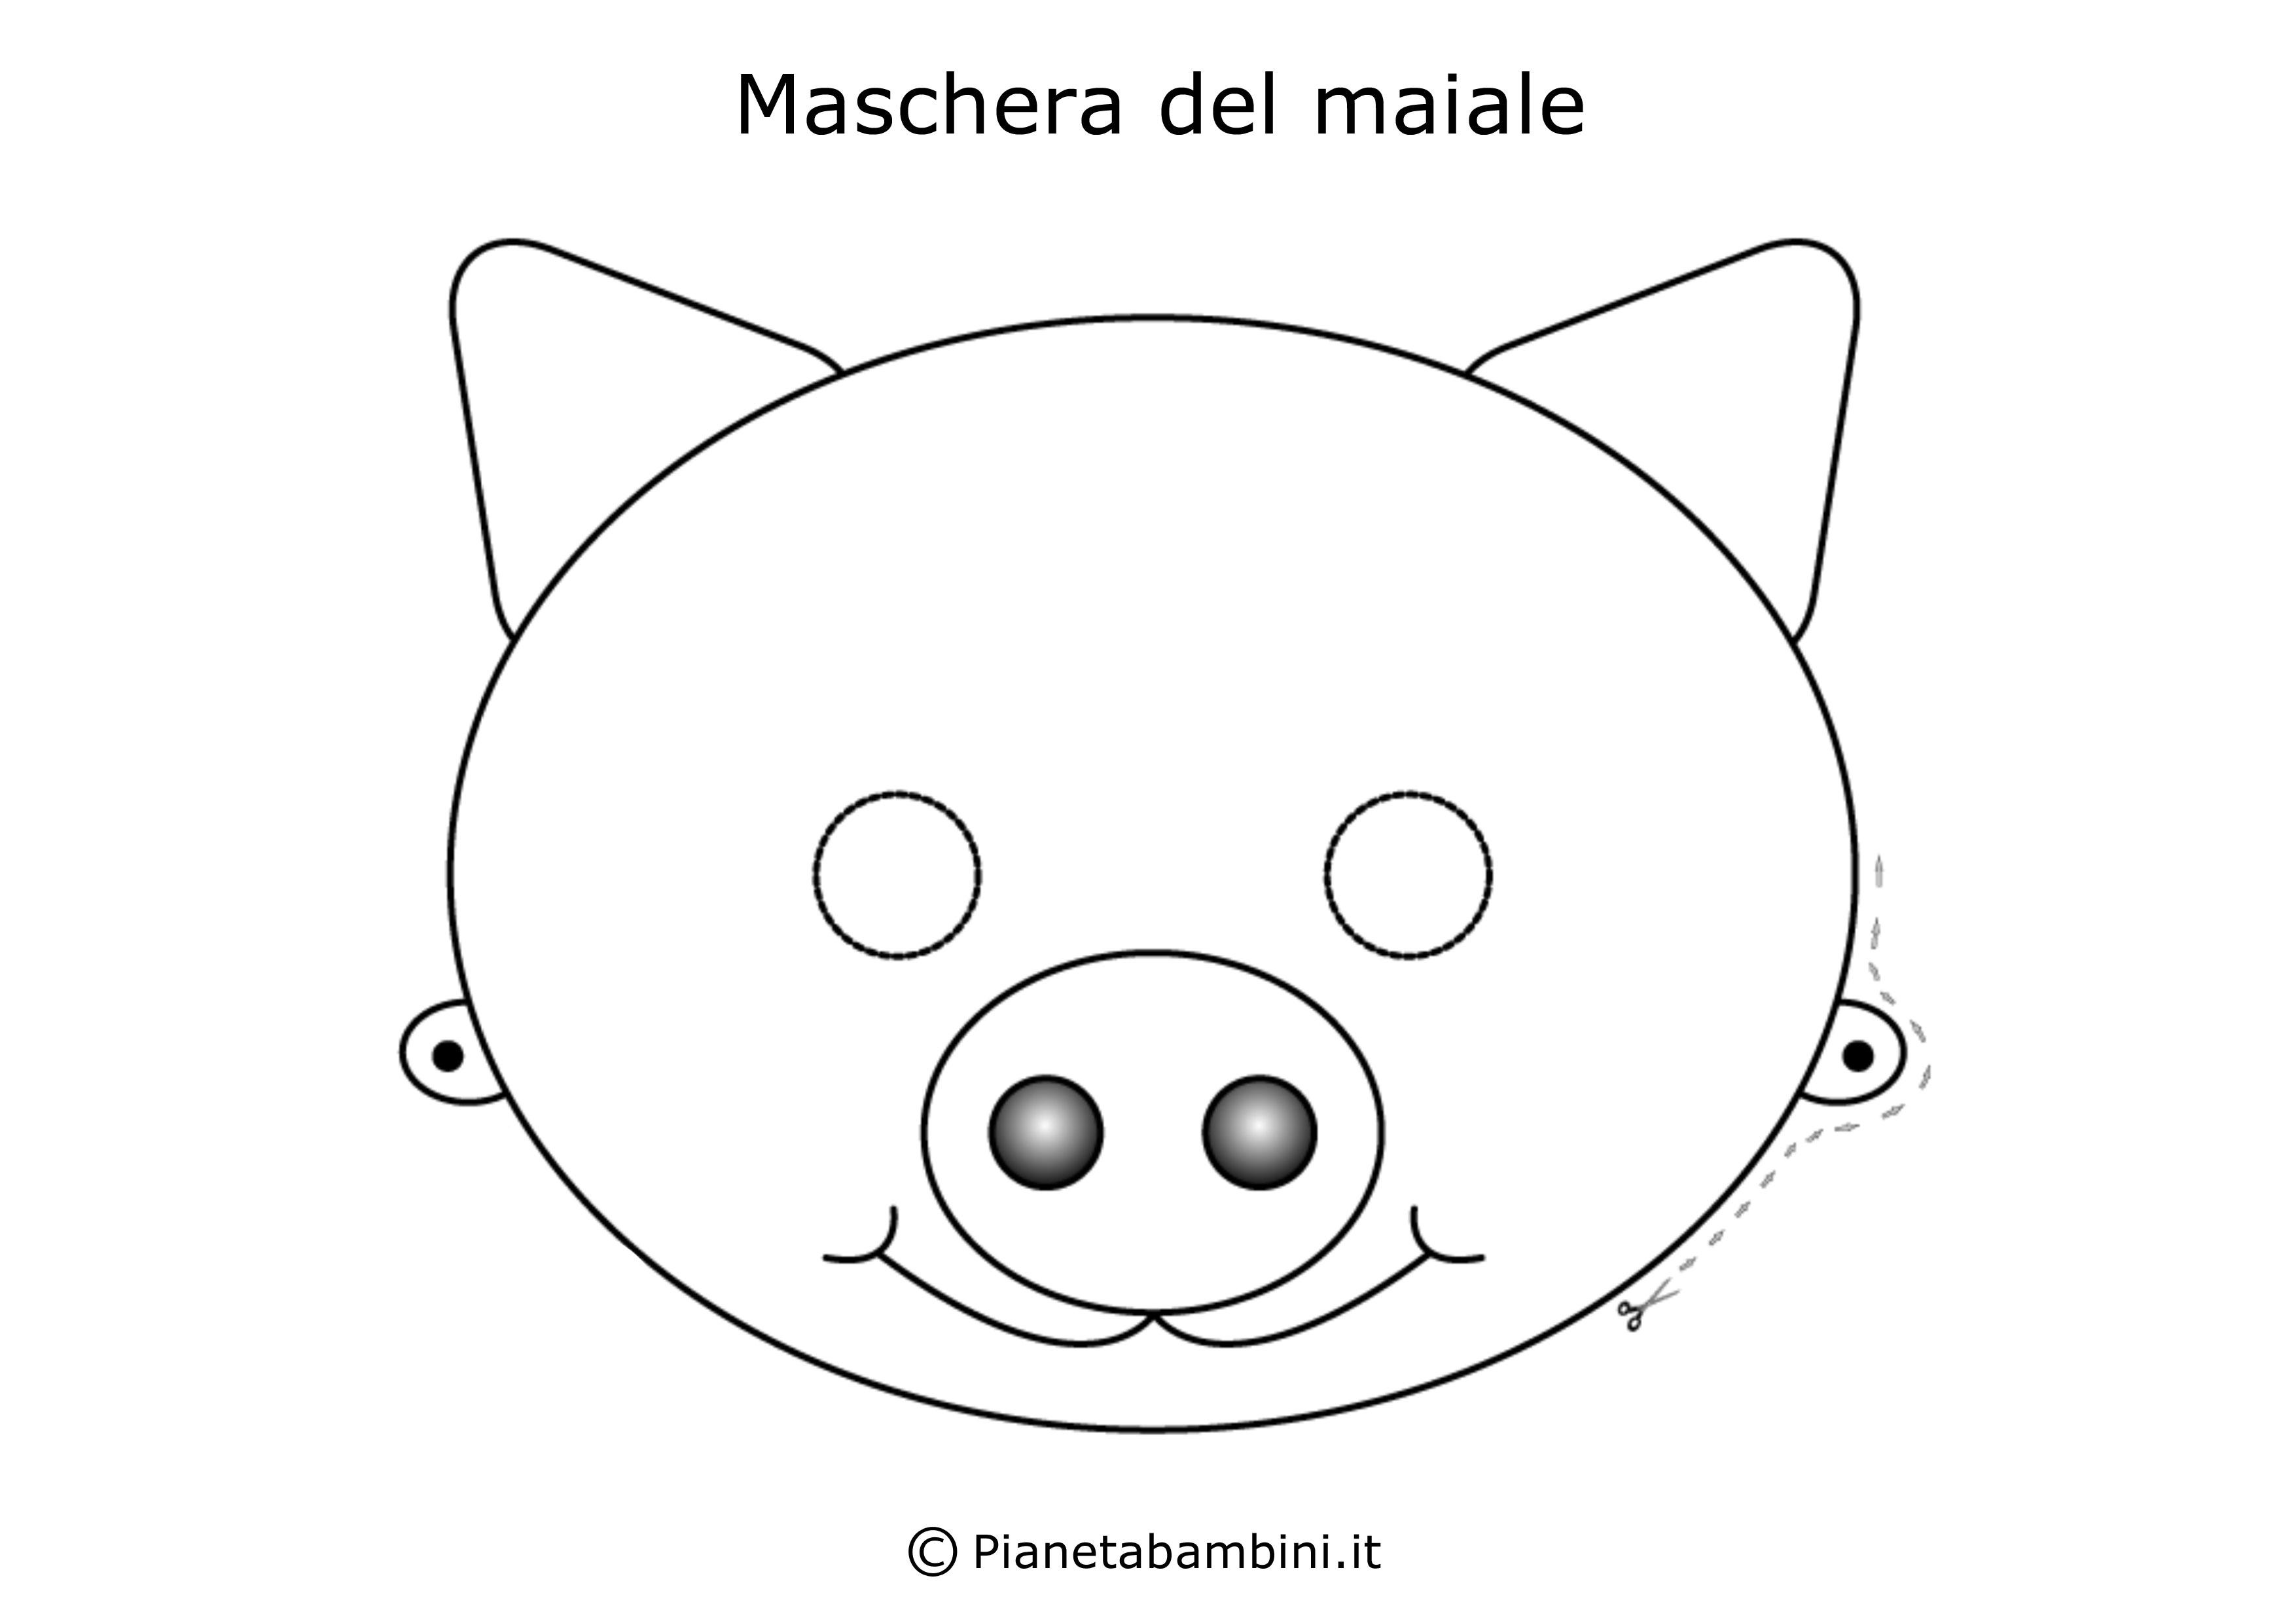 Maschera-Colorare-Maiale